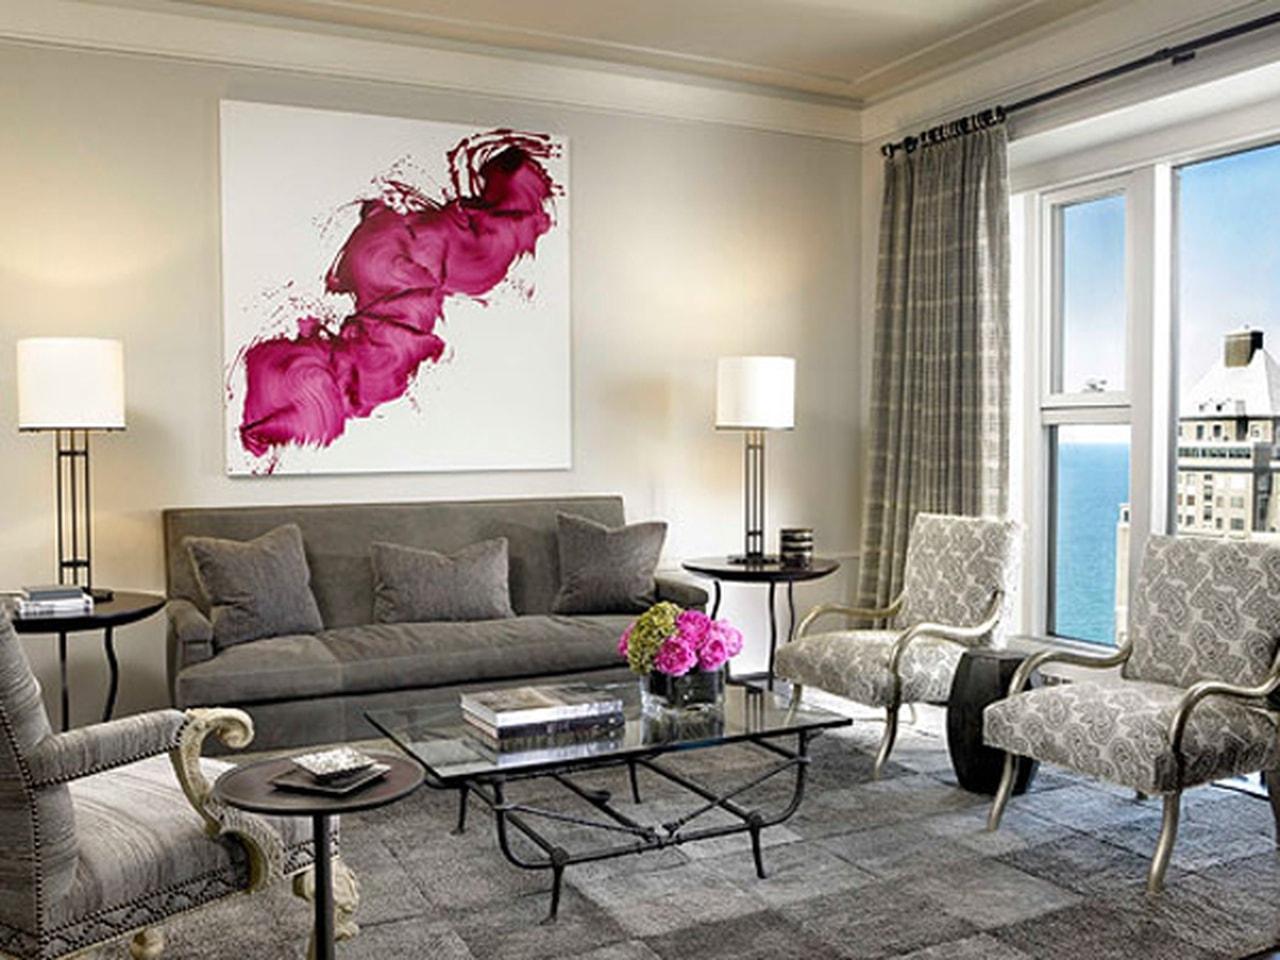 أسس رئيسية تساعدك باختيار أفضل شقة لمستقبل أسرتك